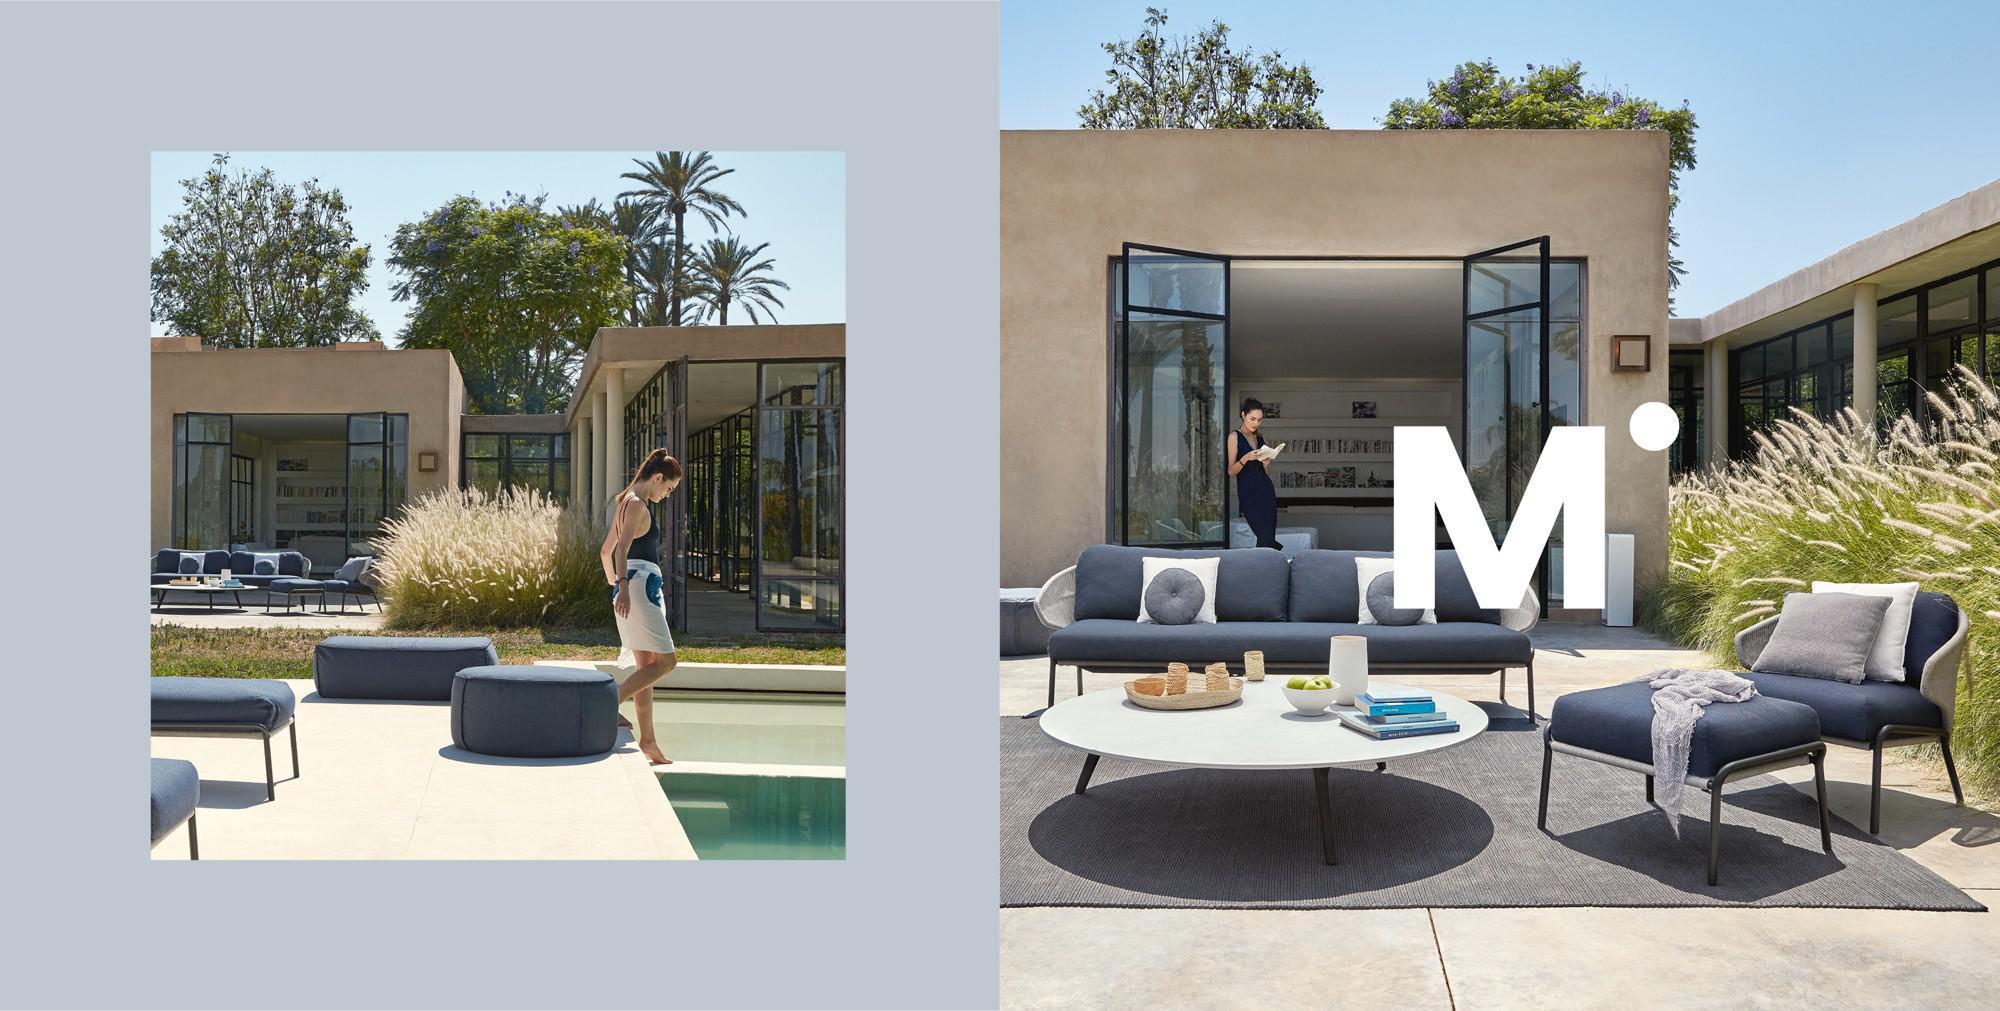 Radius sofa en ligbed met Mood koffietafel bij het zwembad